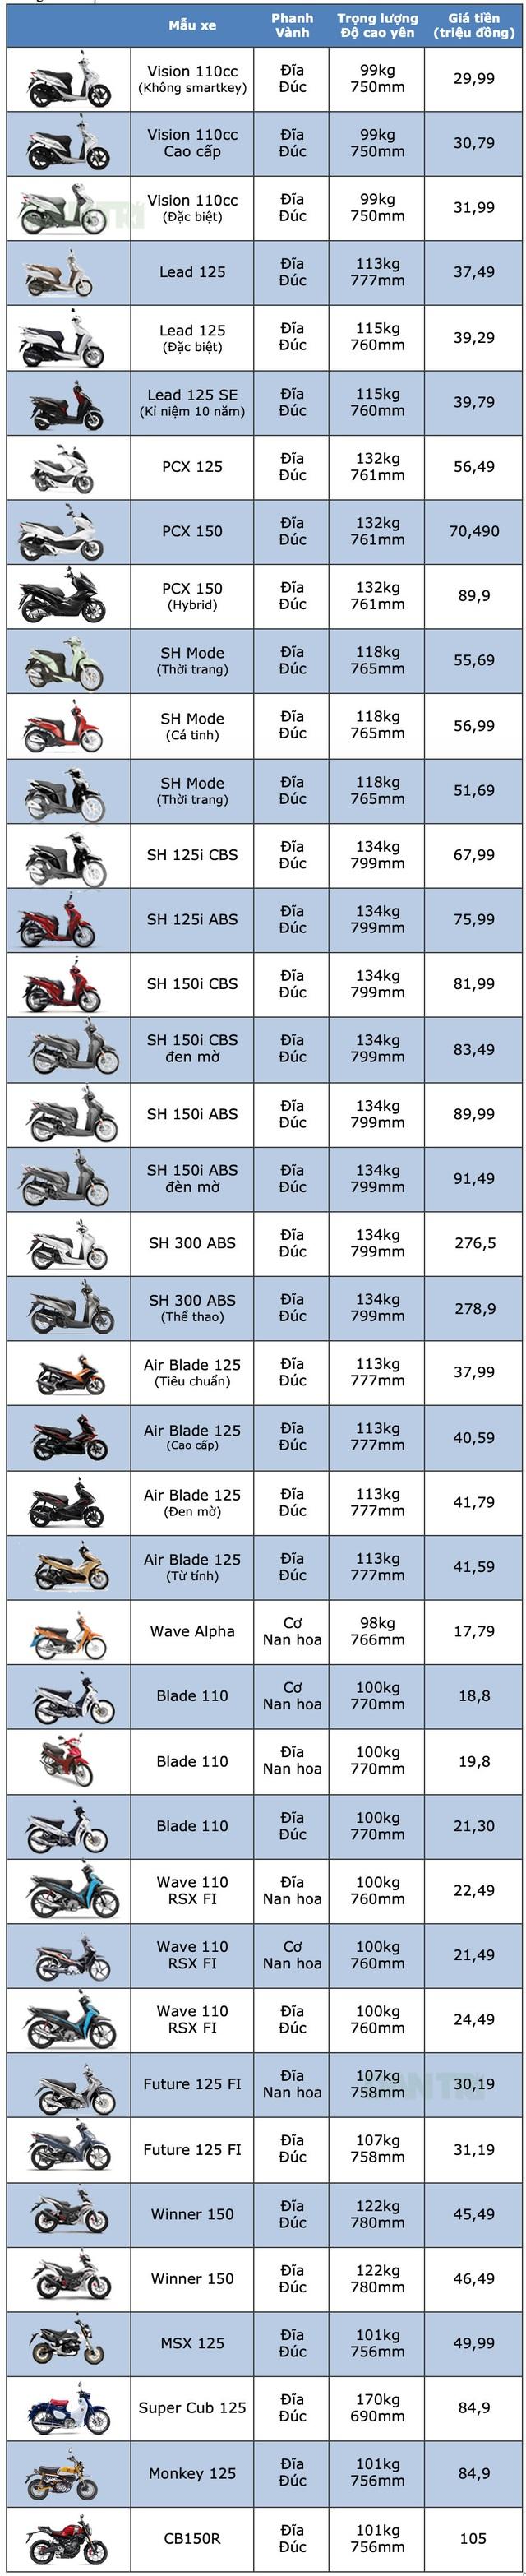 Bảng giá xe máy Honda tại Việt Nam cập nhật tháng 5/2019 - 1